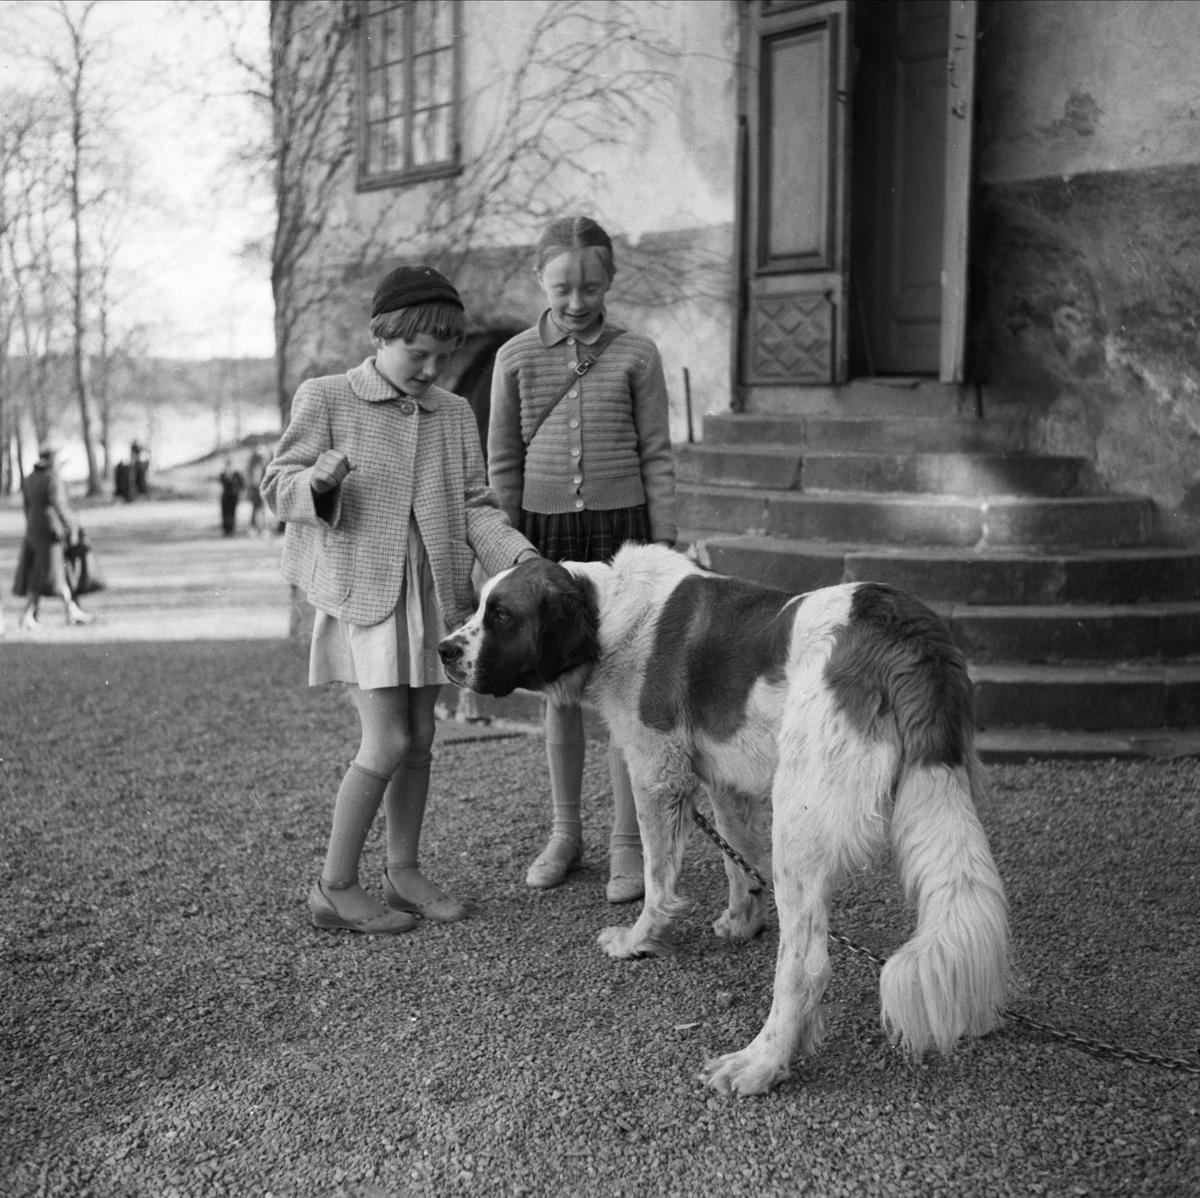 Upplands Fornminnesförenings vårutflykt till Rydboholms slott, Östra Ryds socken, Uppland 1955